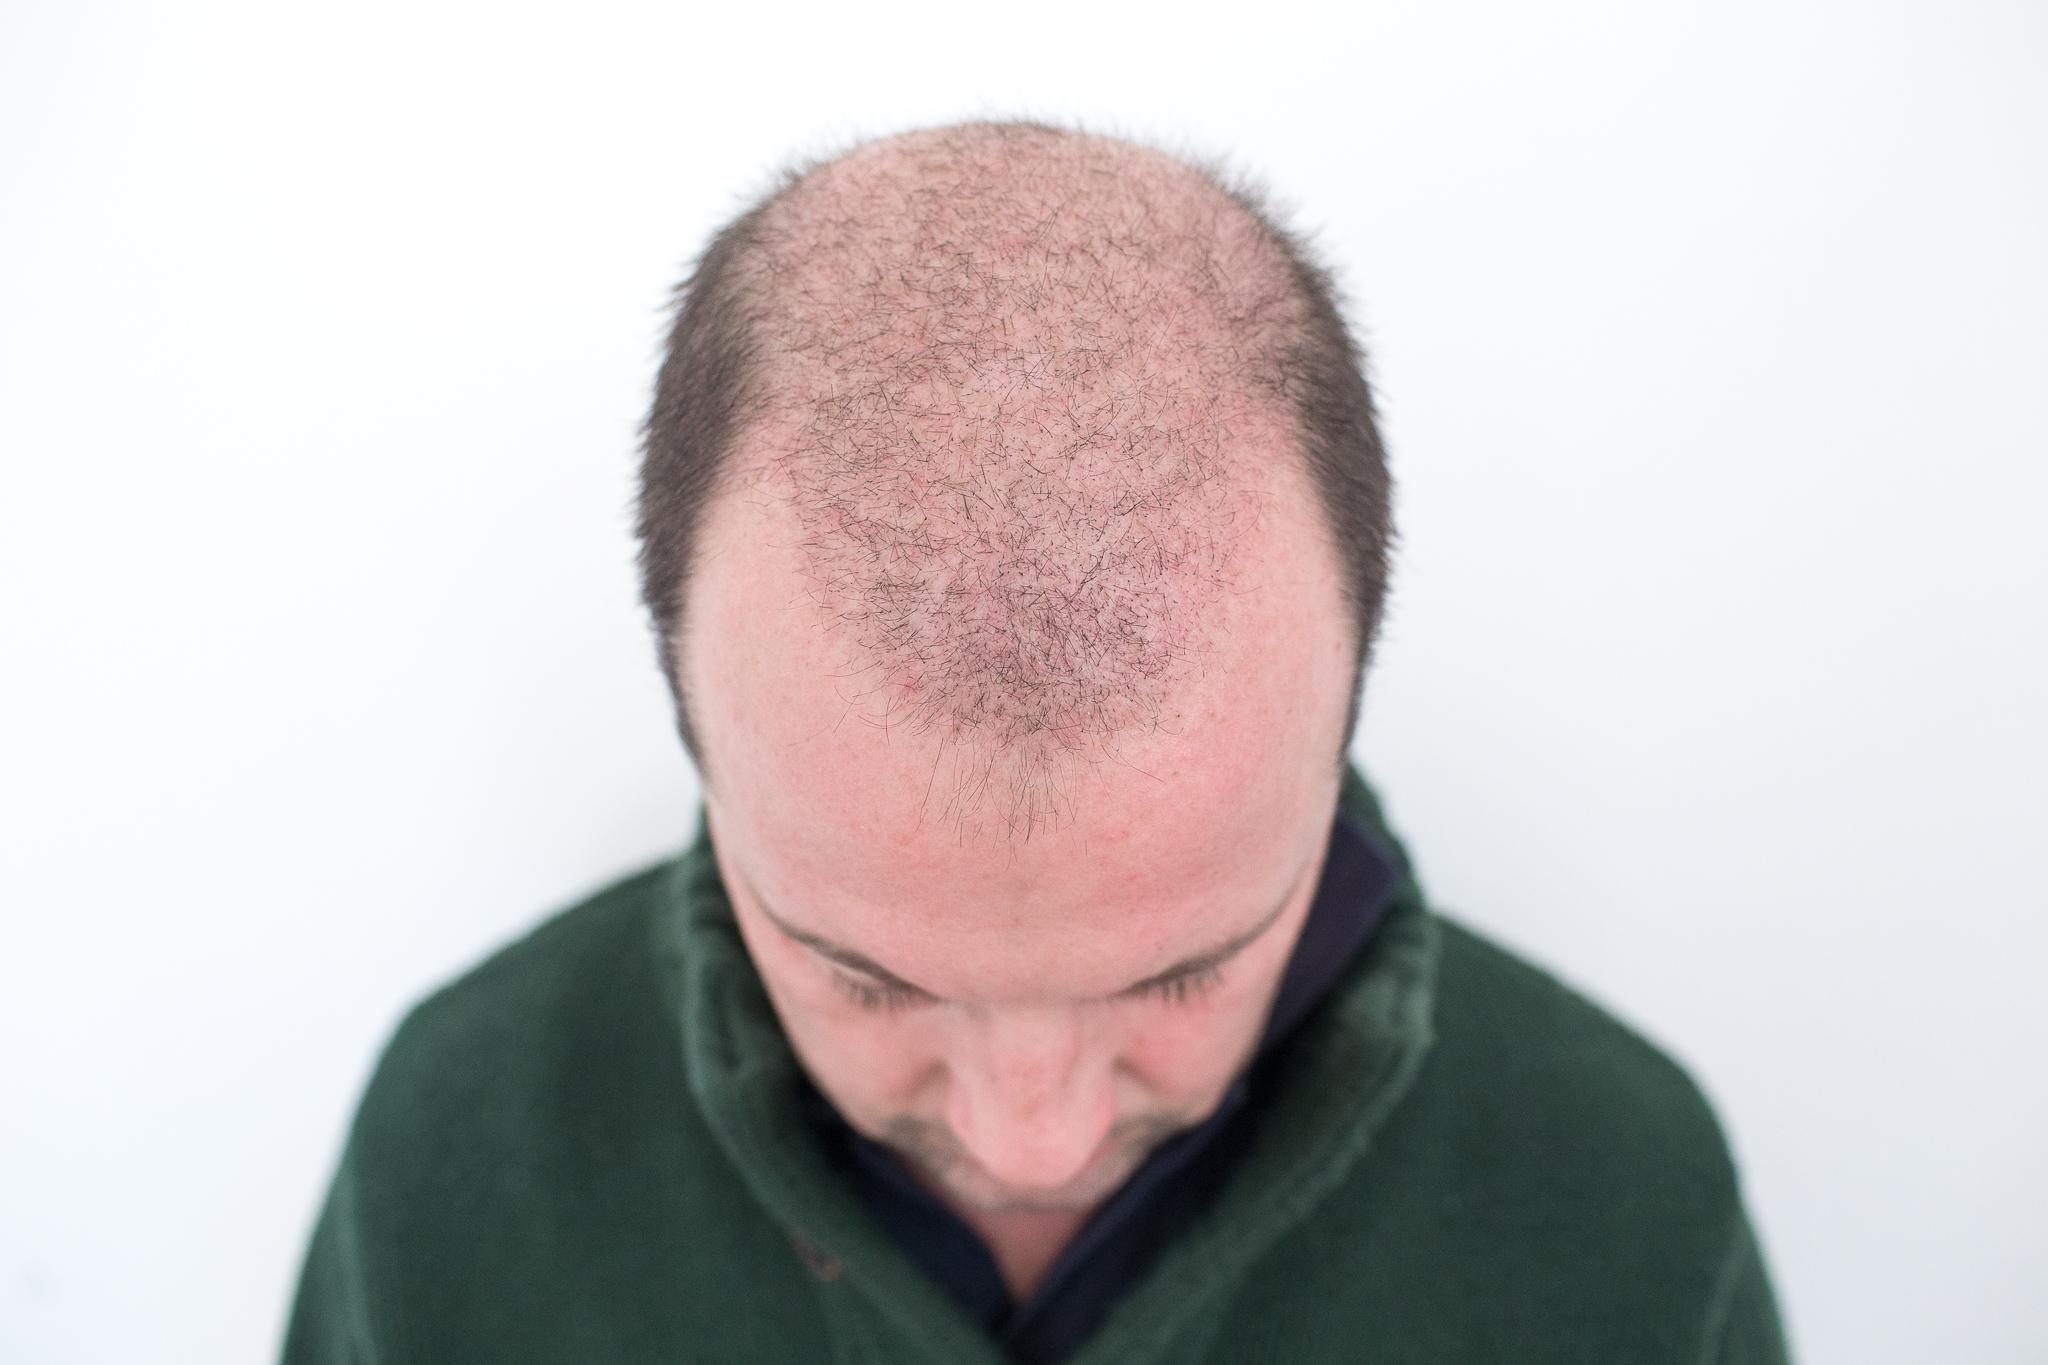 02.02.2016: die transplantierten Haare fallen aufgrund Sauerstoffmangels planmässig aus und die Wurzel bildet das dauerhaft bleibende Haar. Schön langsam kann man die kleinen Stopperln erkennen.